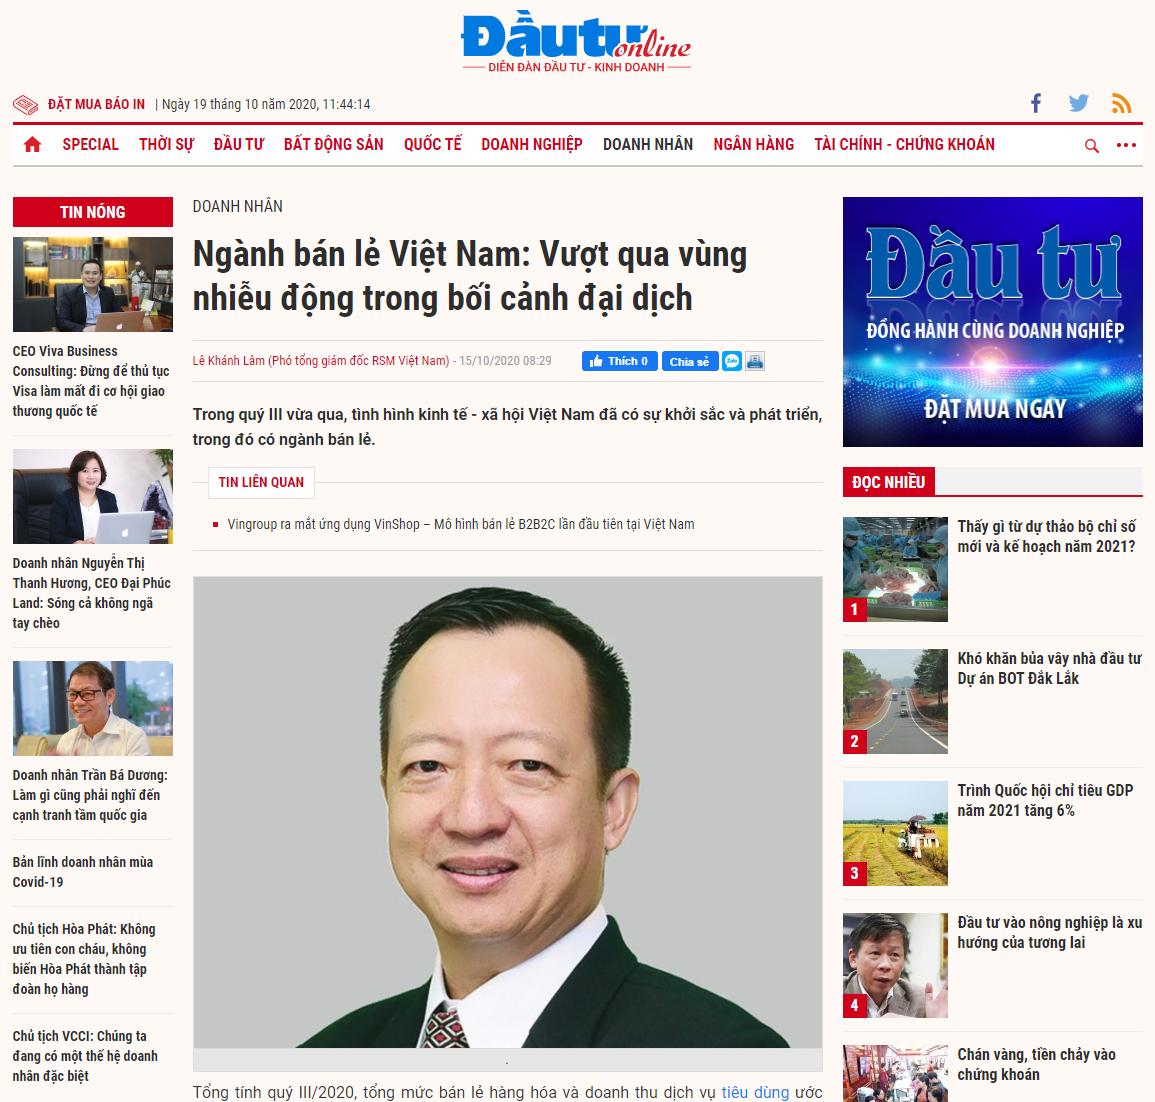 public://media/news/bdt-articles-15-10-2020.png